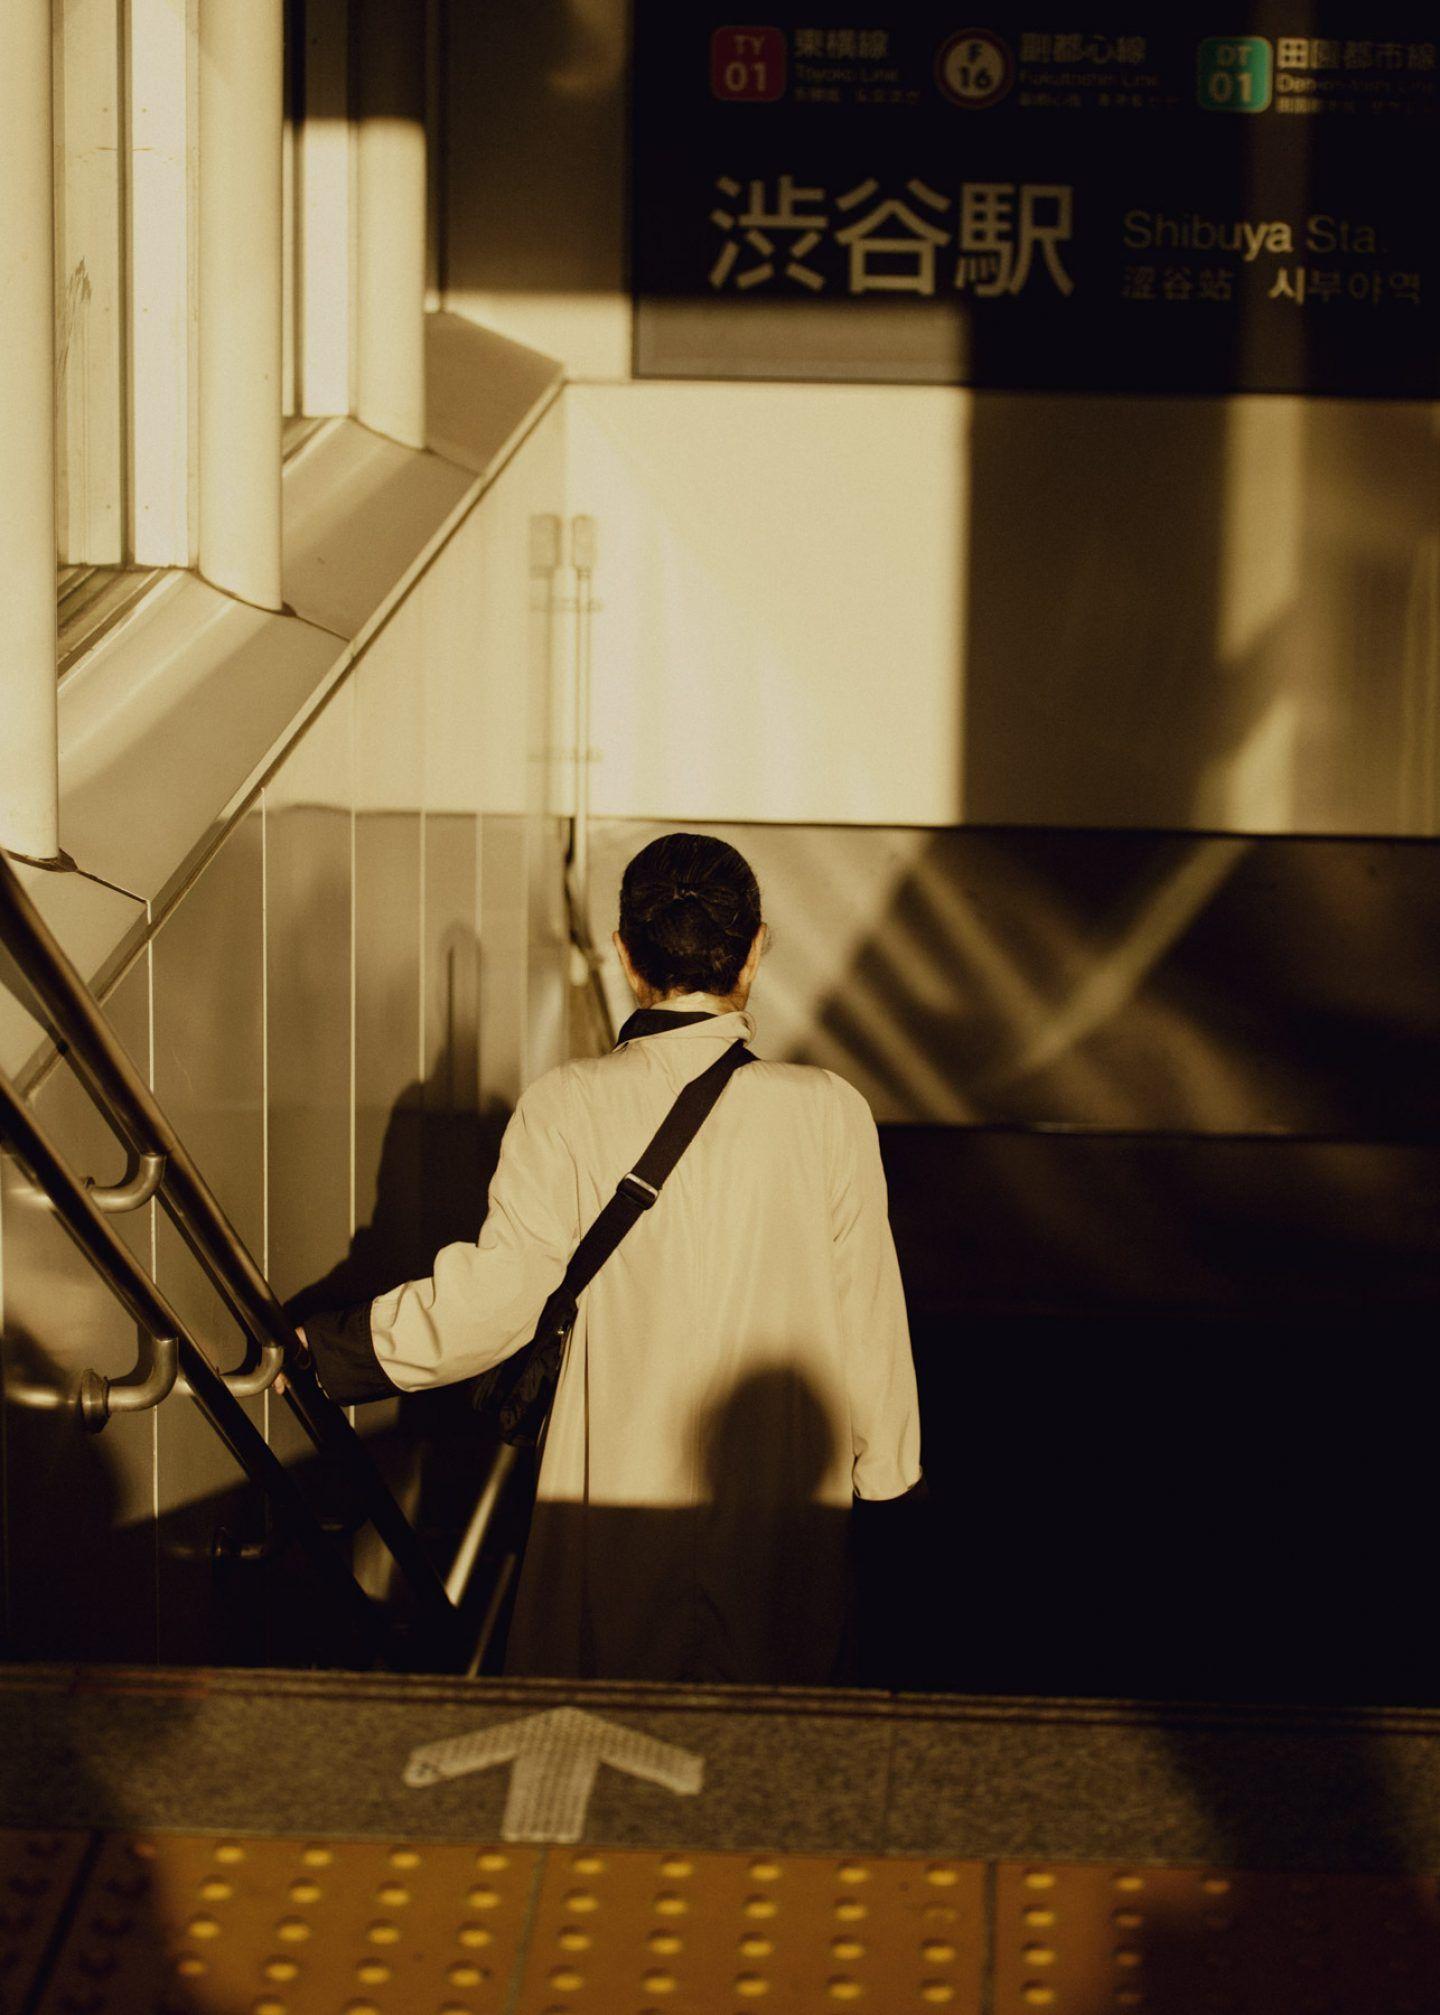 IGNANT-Photography-Max-Zarrahn-Snake-Legs-02